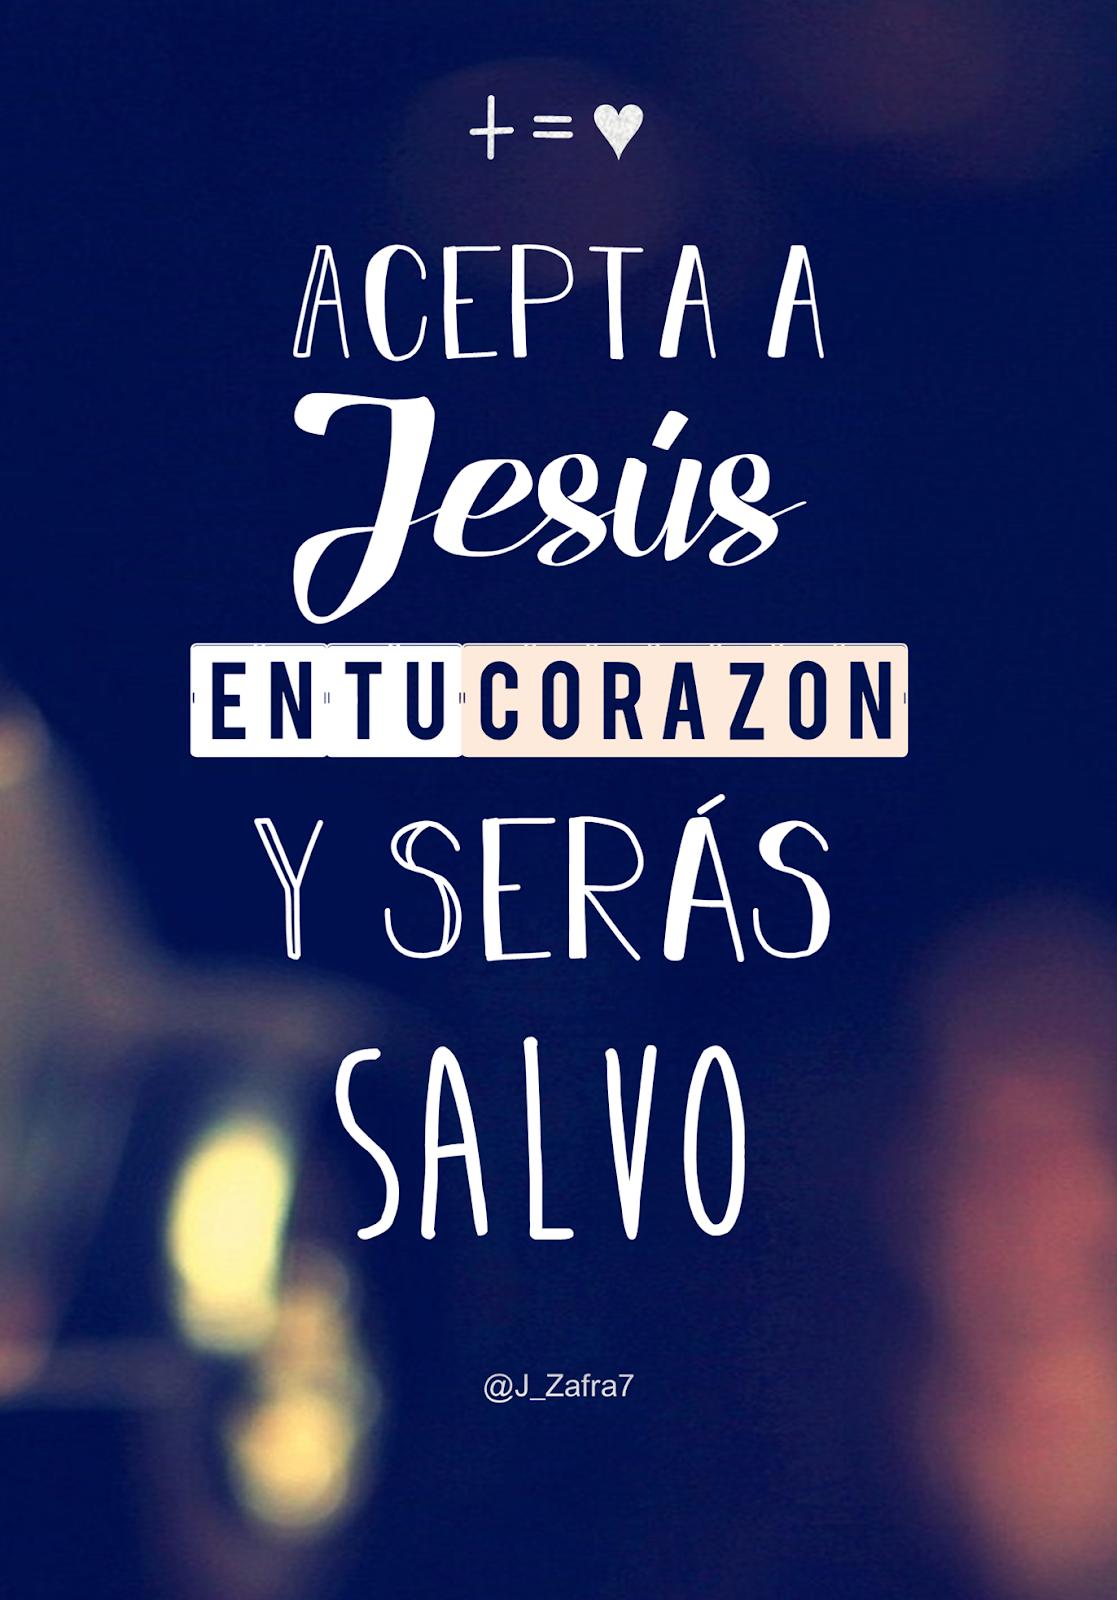 Imágenes Cristianas Bonitas Acepta A Jesús En Tu Corazón Y